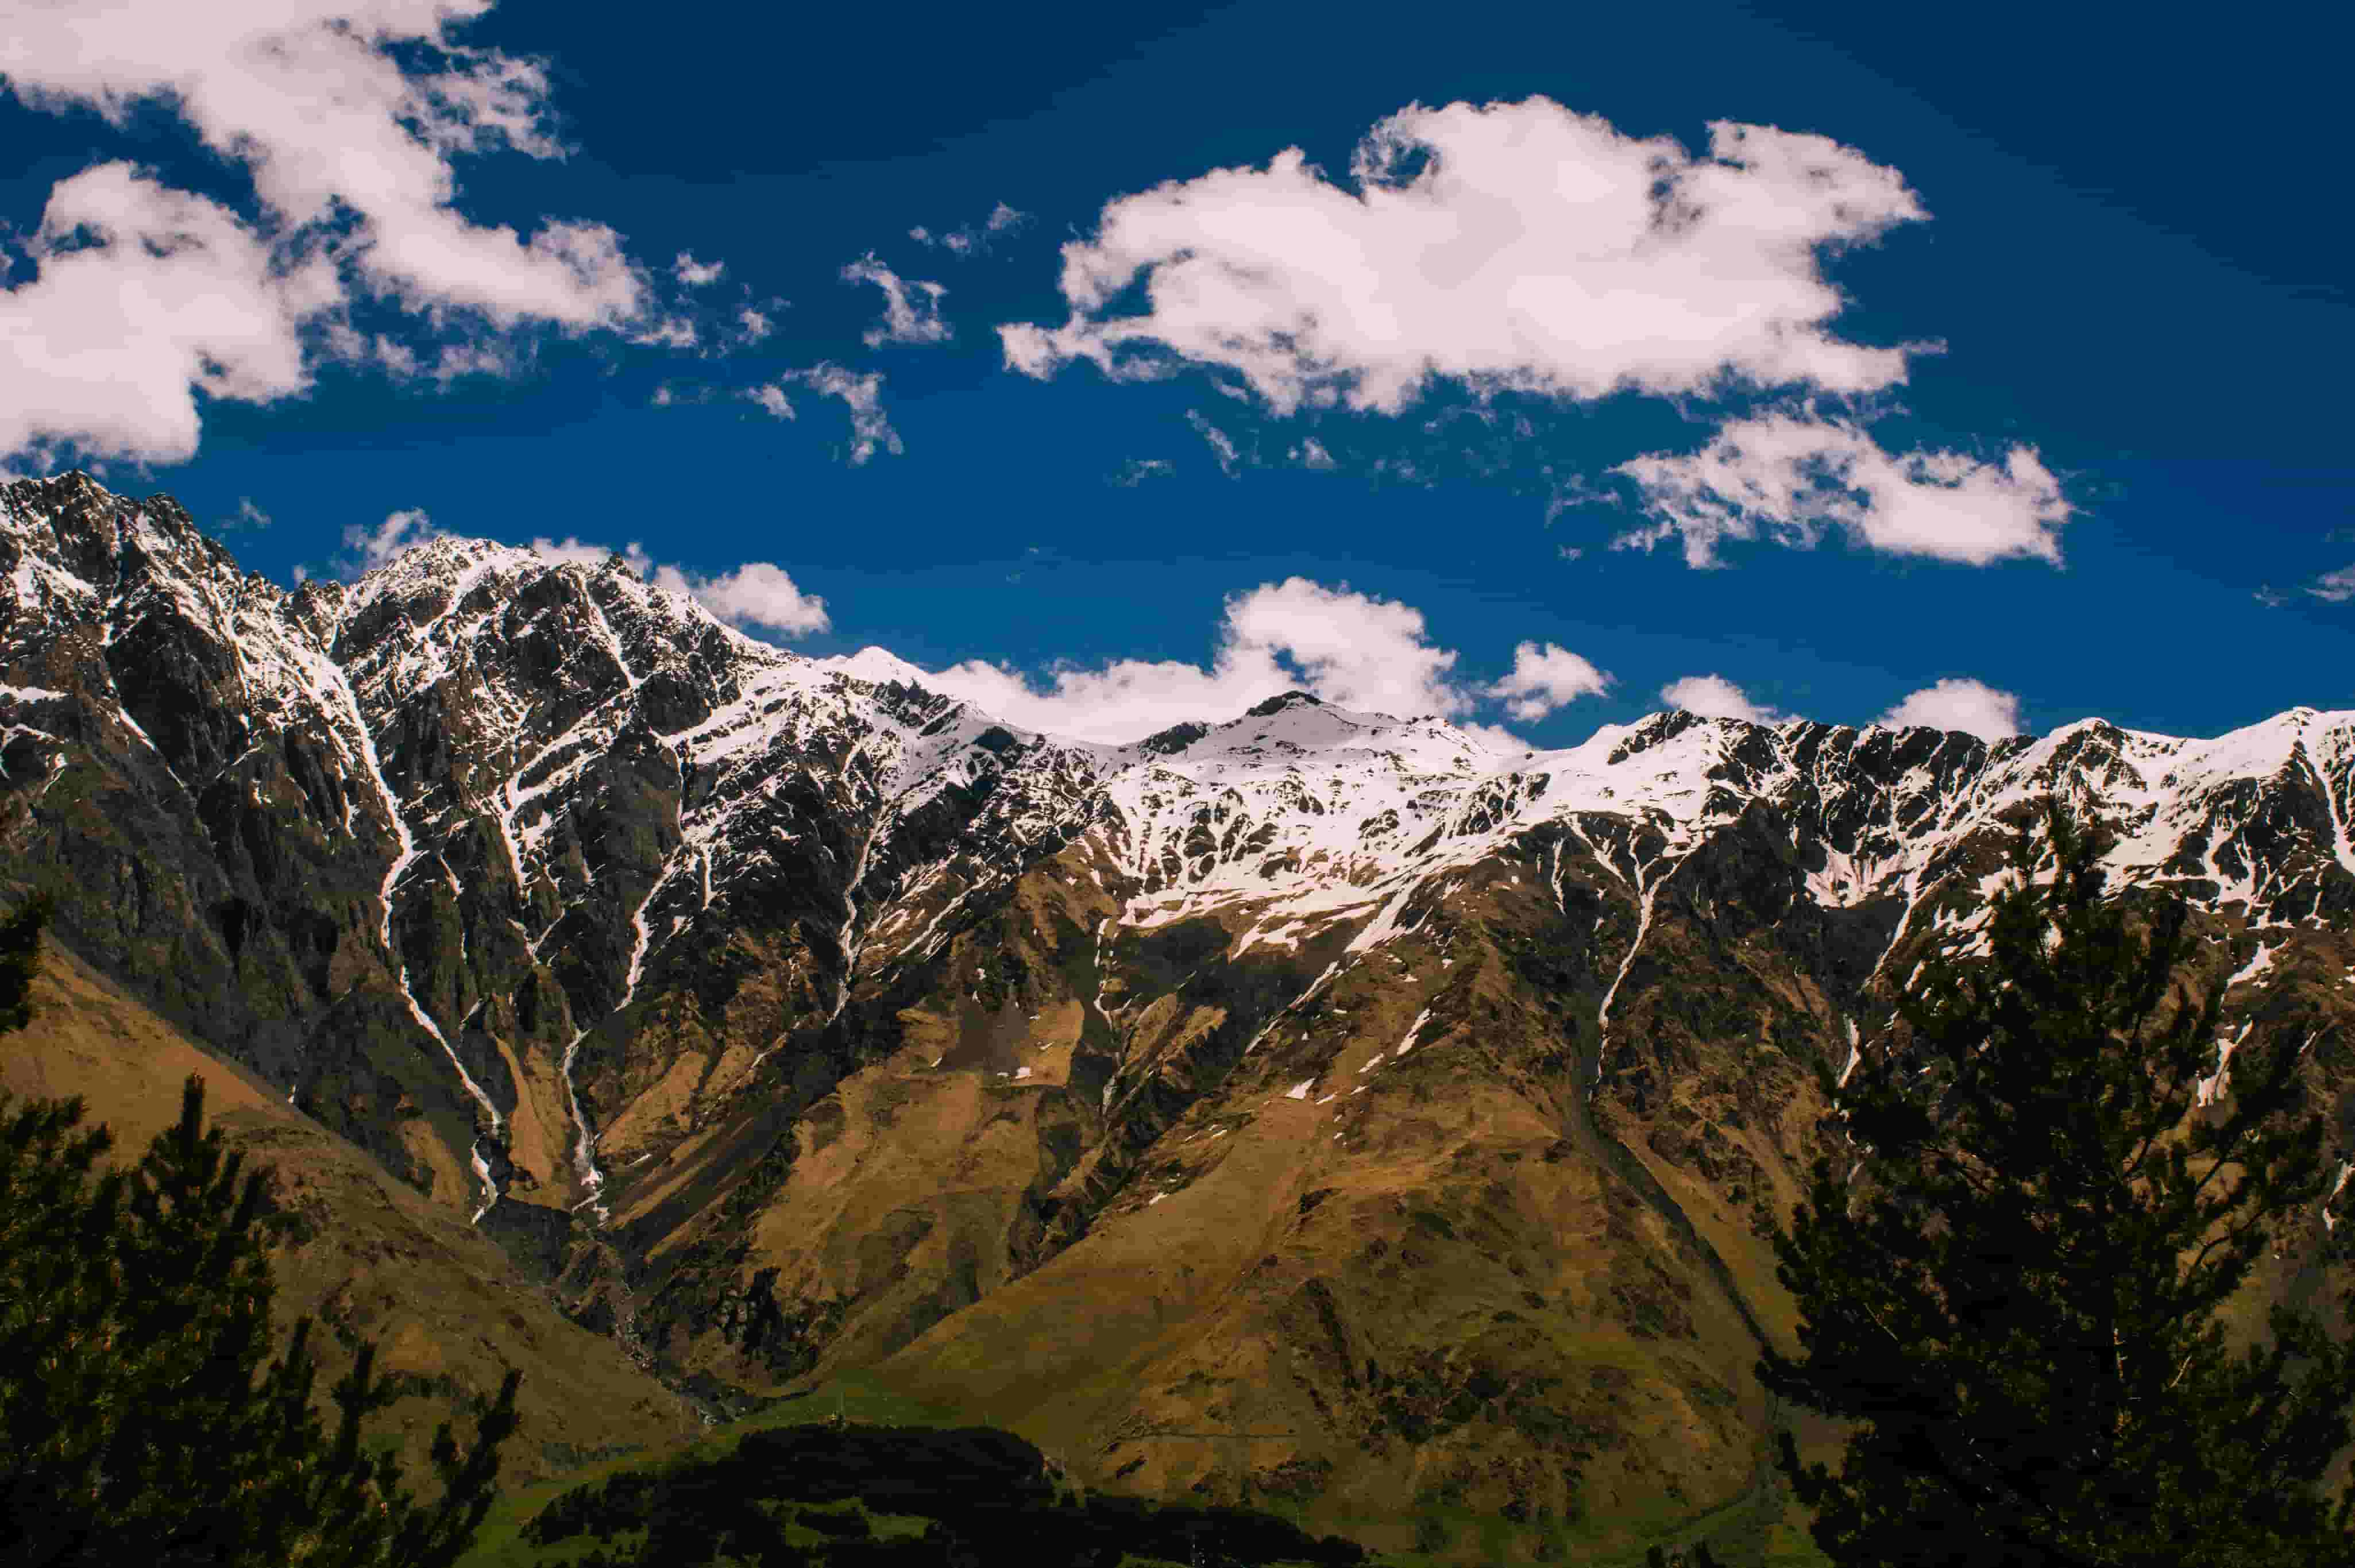 традиции грузии, горы, гостеприимство, природа Грузии